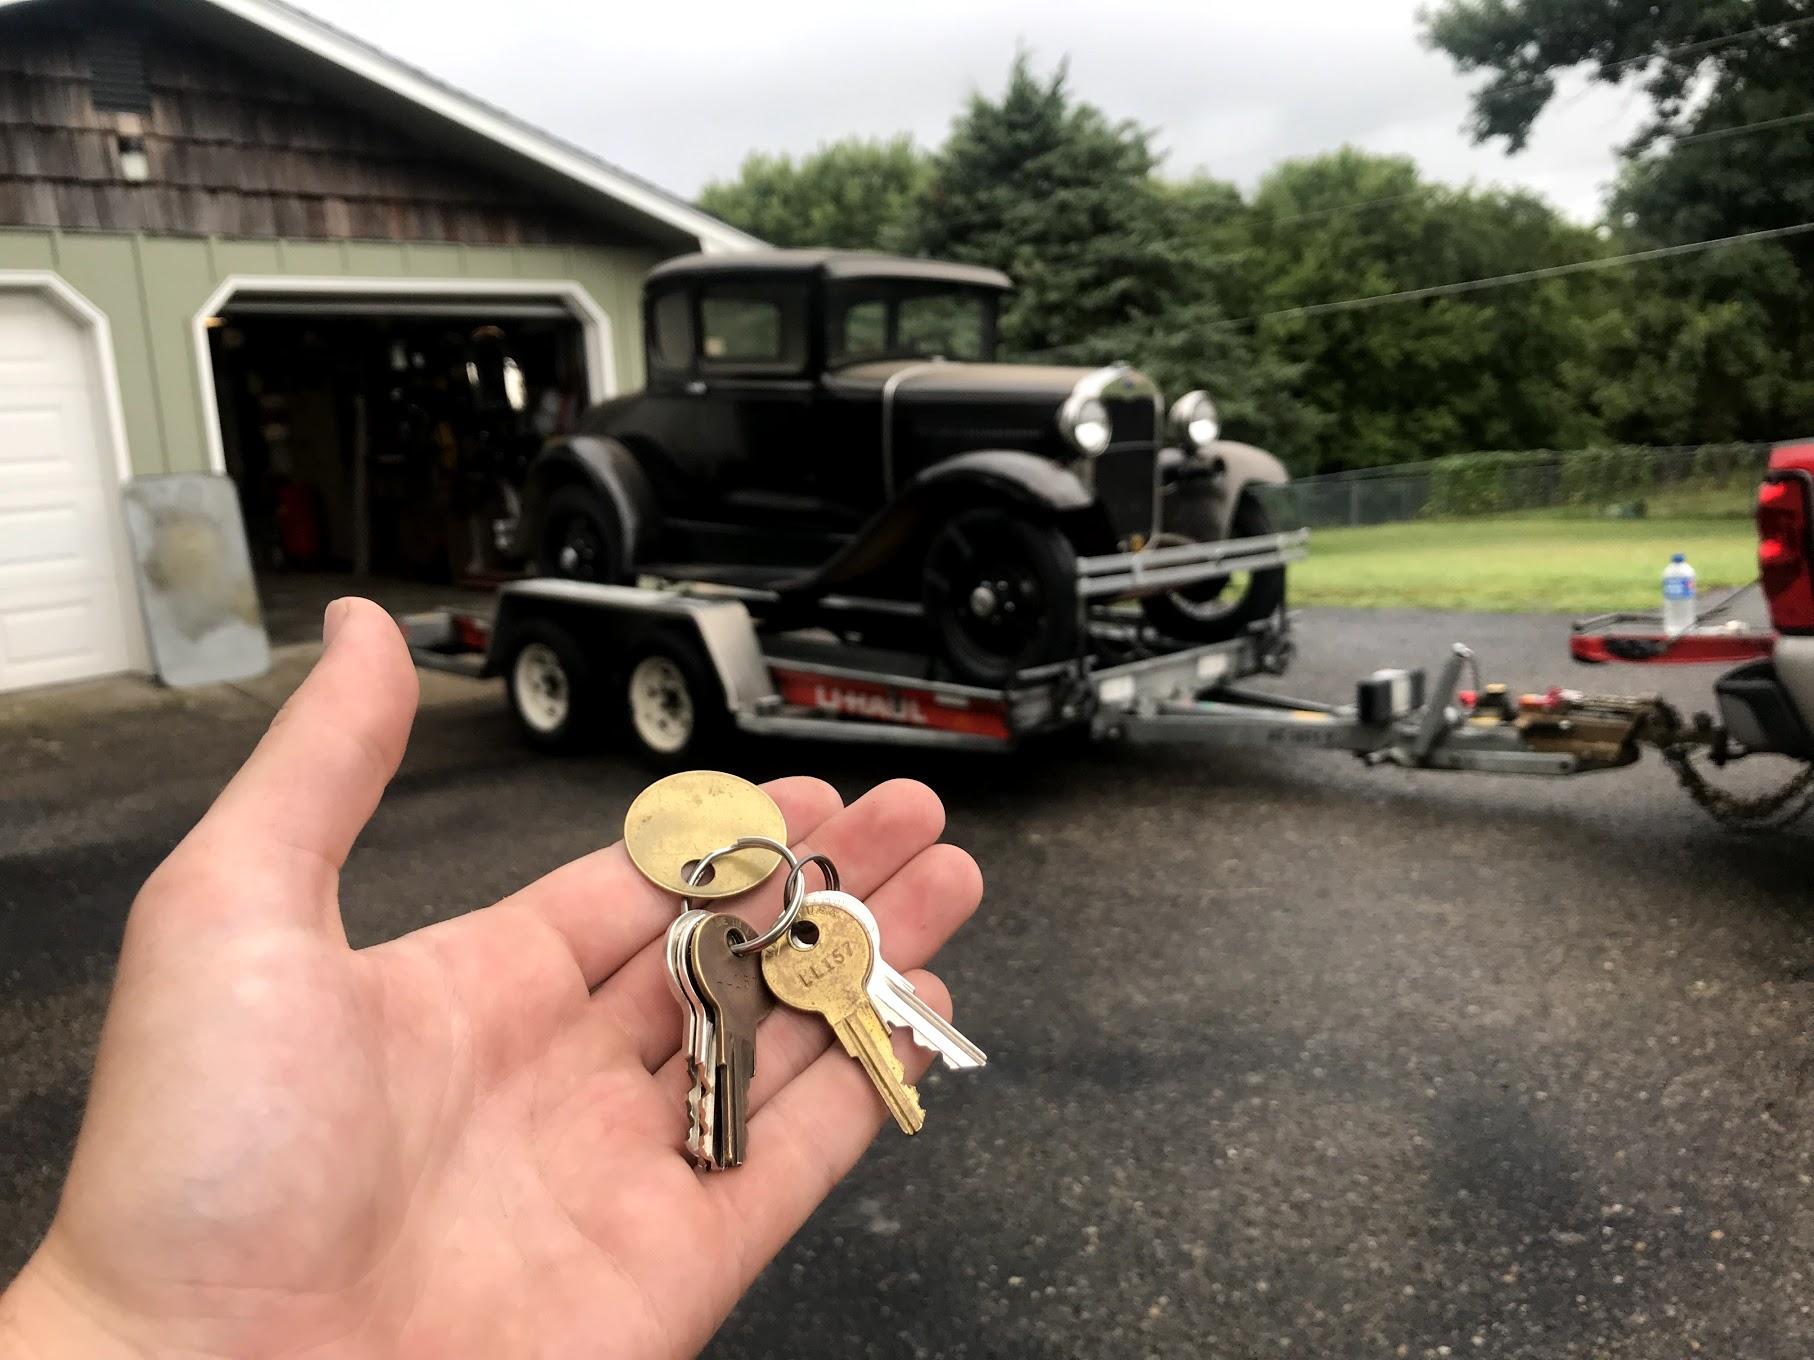 Project Model A keys